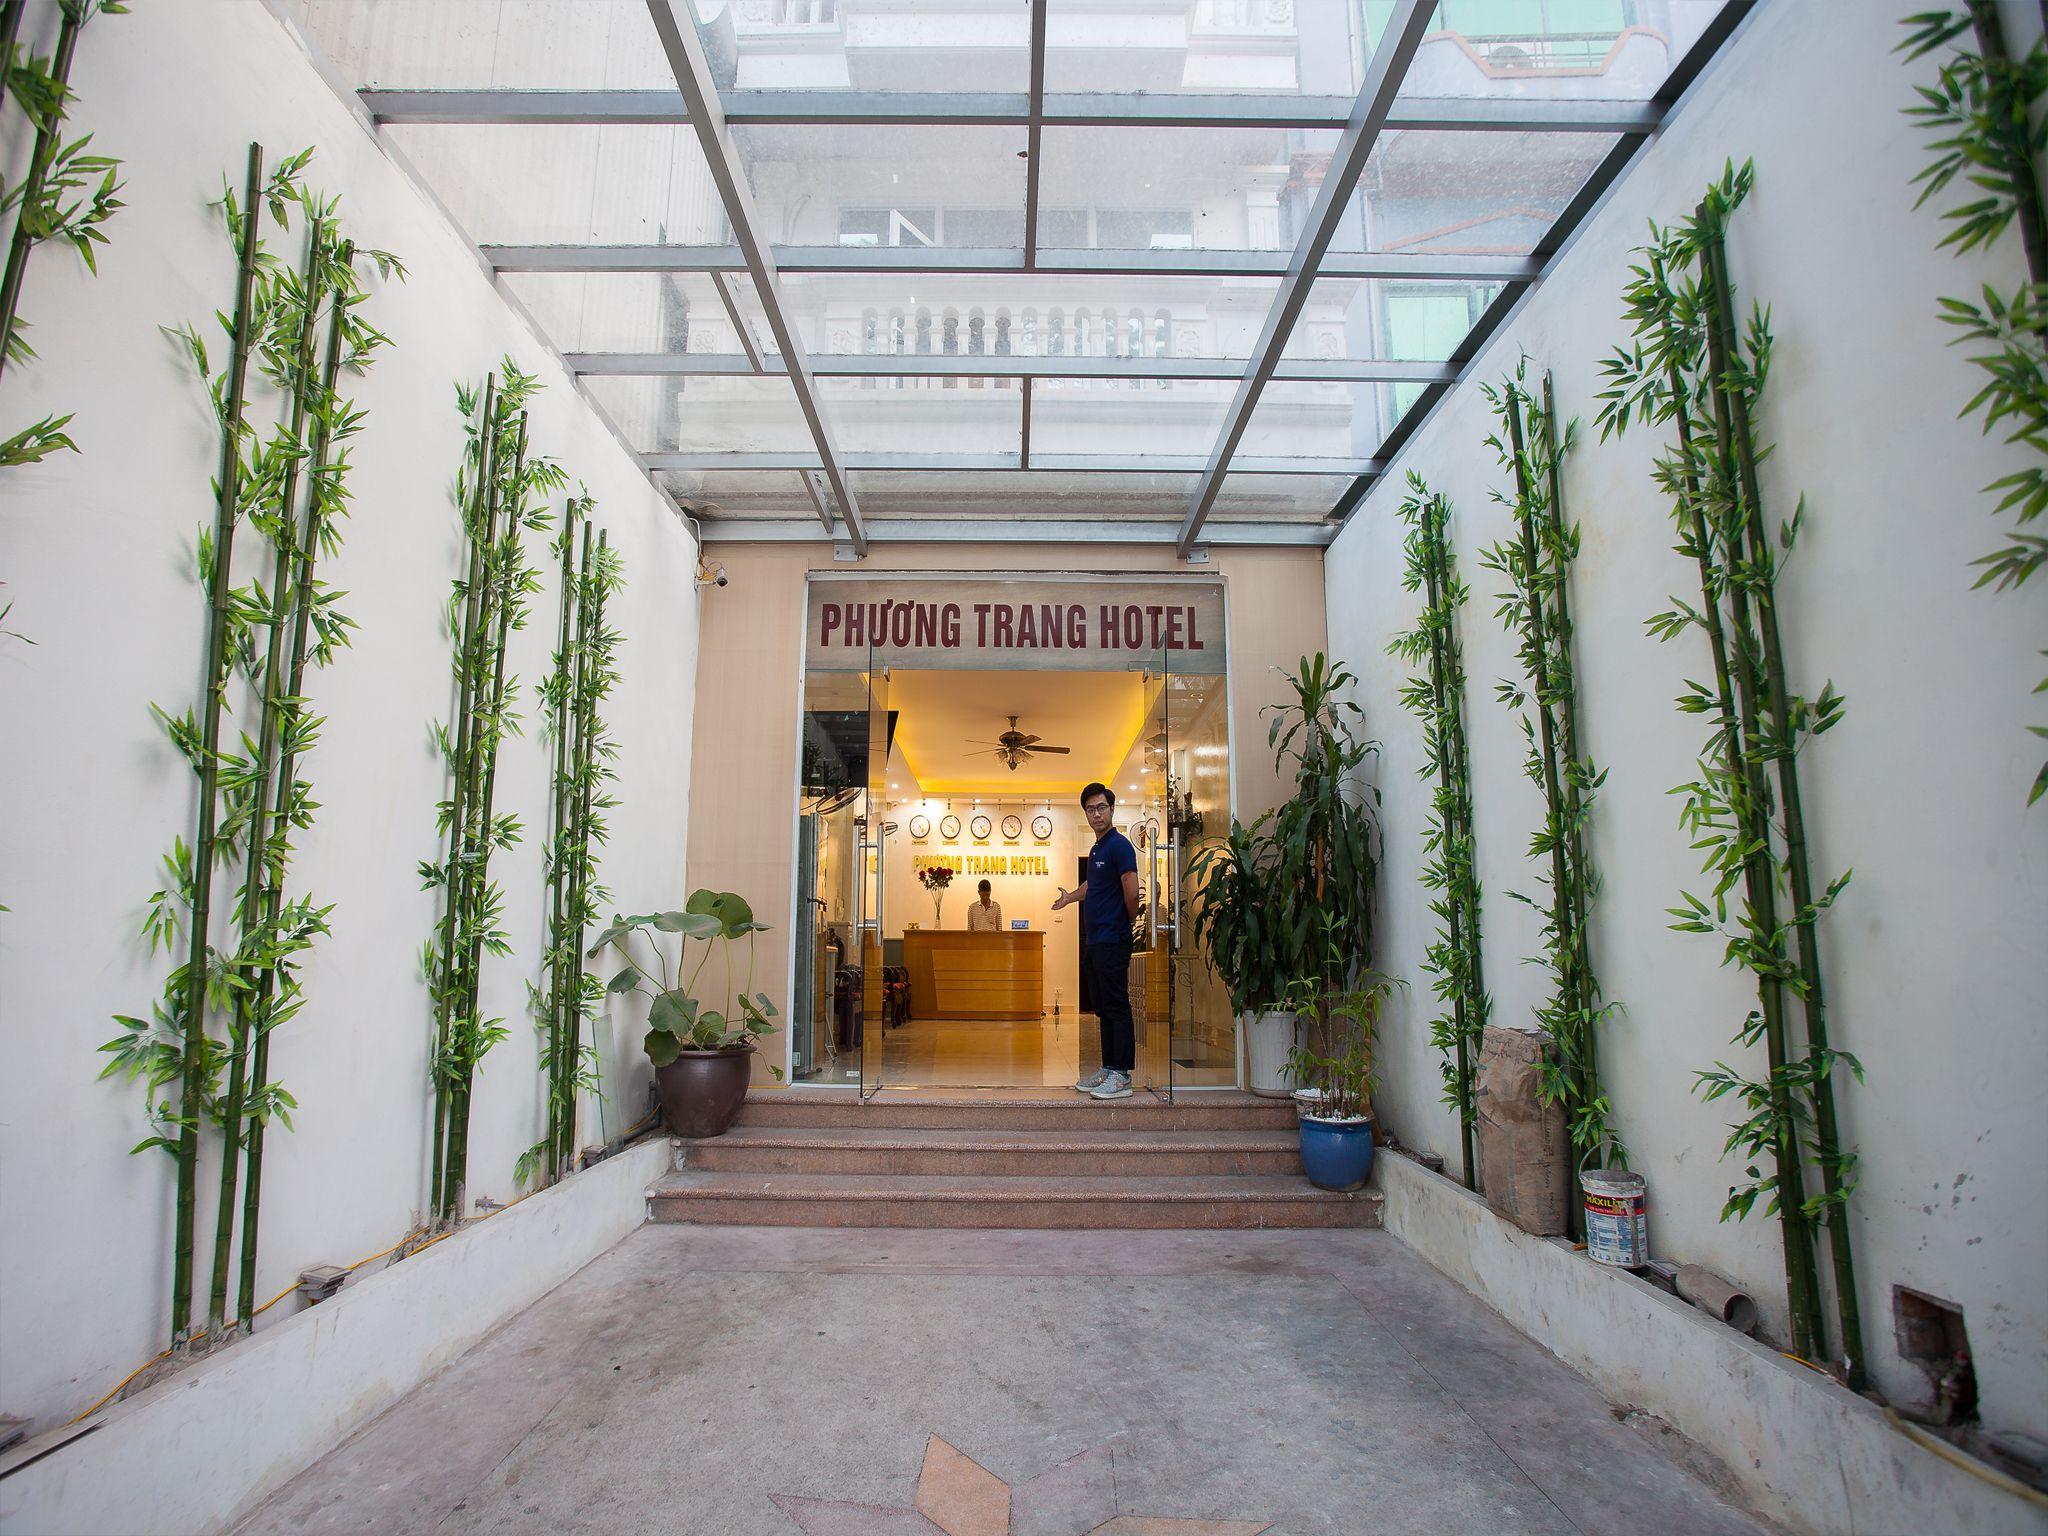 Phuong Trang Hotel Hanoi